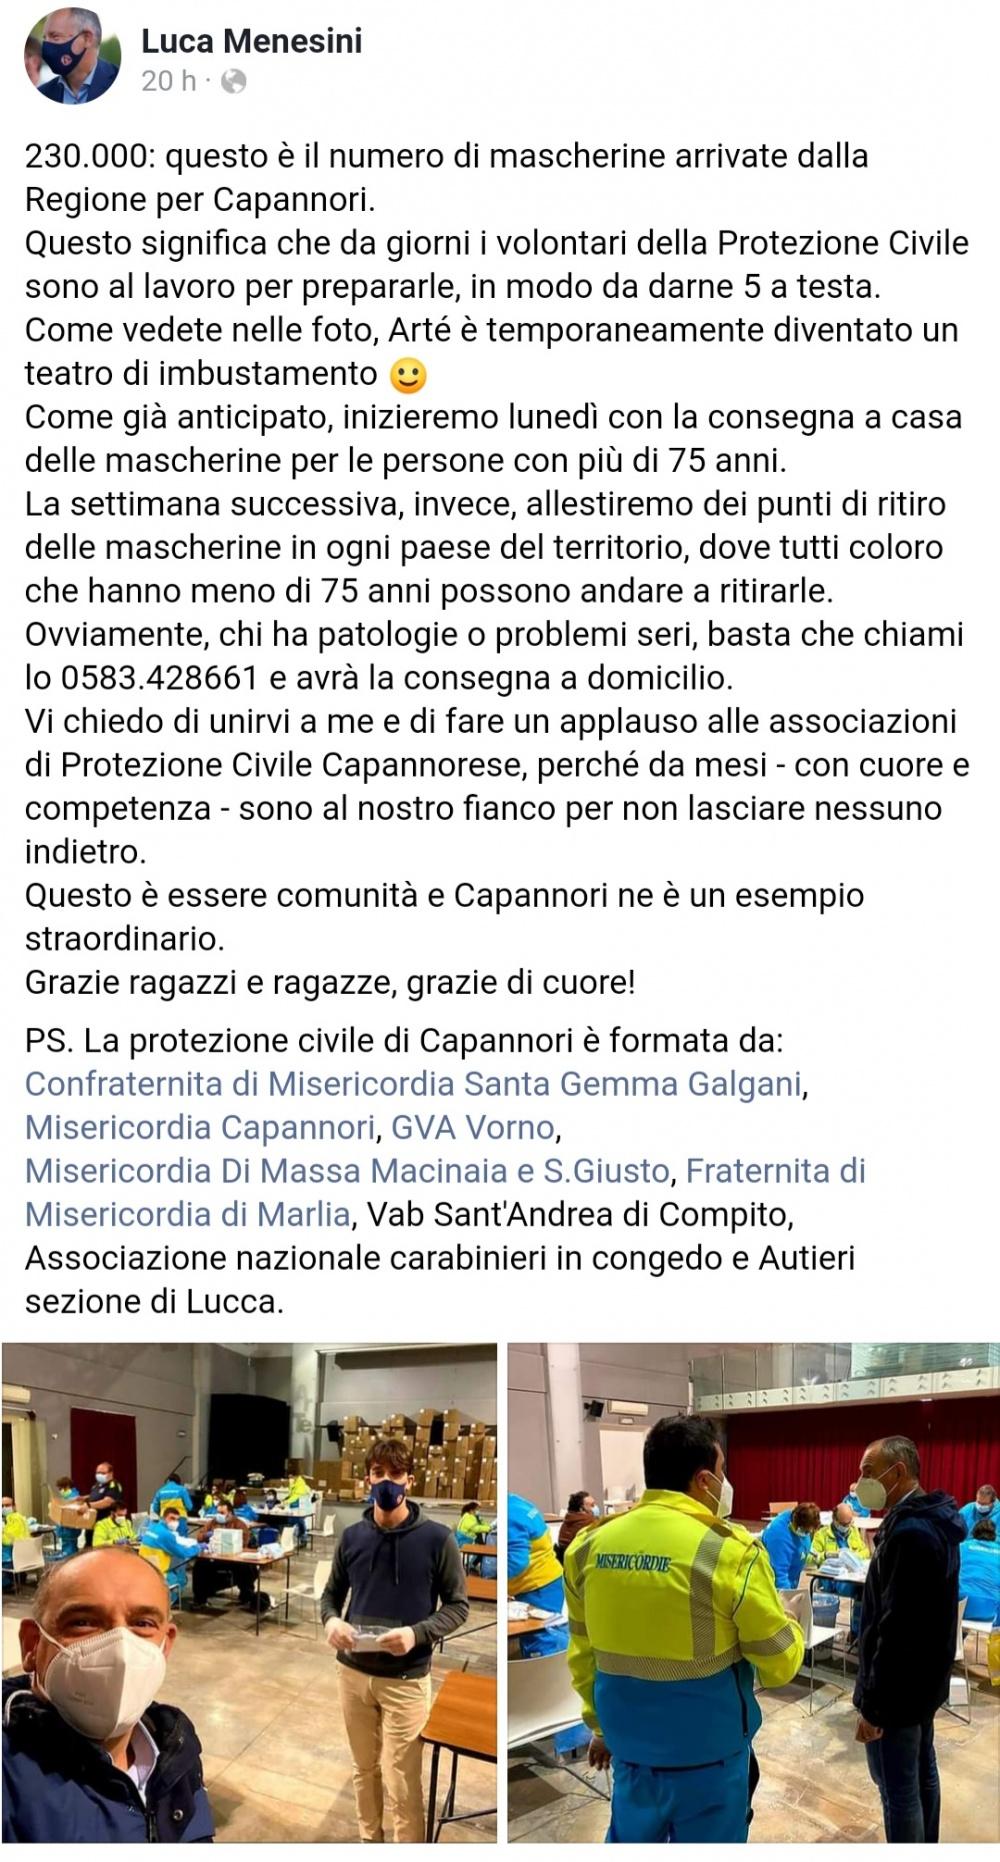 Sindaco Luca Menesini ringrazia i volontari di Protezione Civile